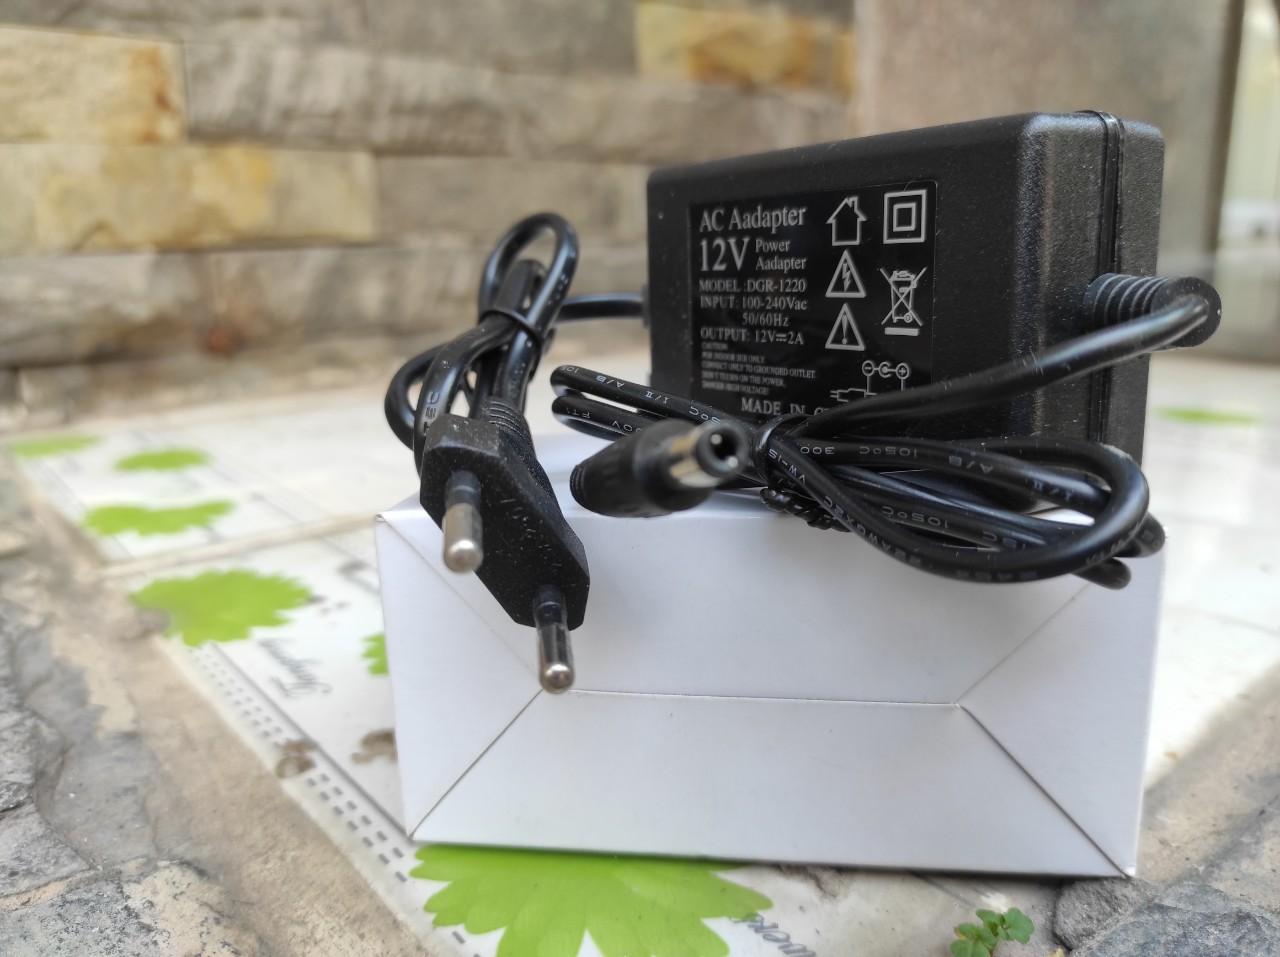 Adapter Nguồn 12V 2A DGR-1220 Chuyên Dùng Cho Loa Kéo Và Các Thiết Bị Điện Tử Có Đèn Led